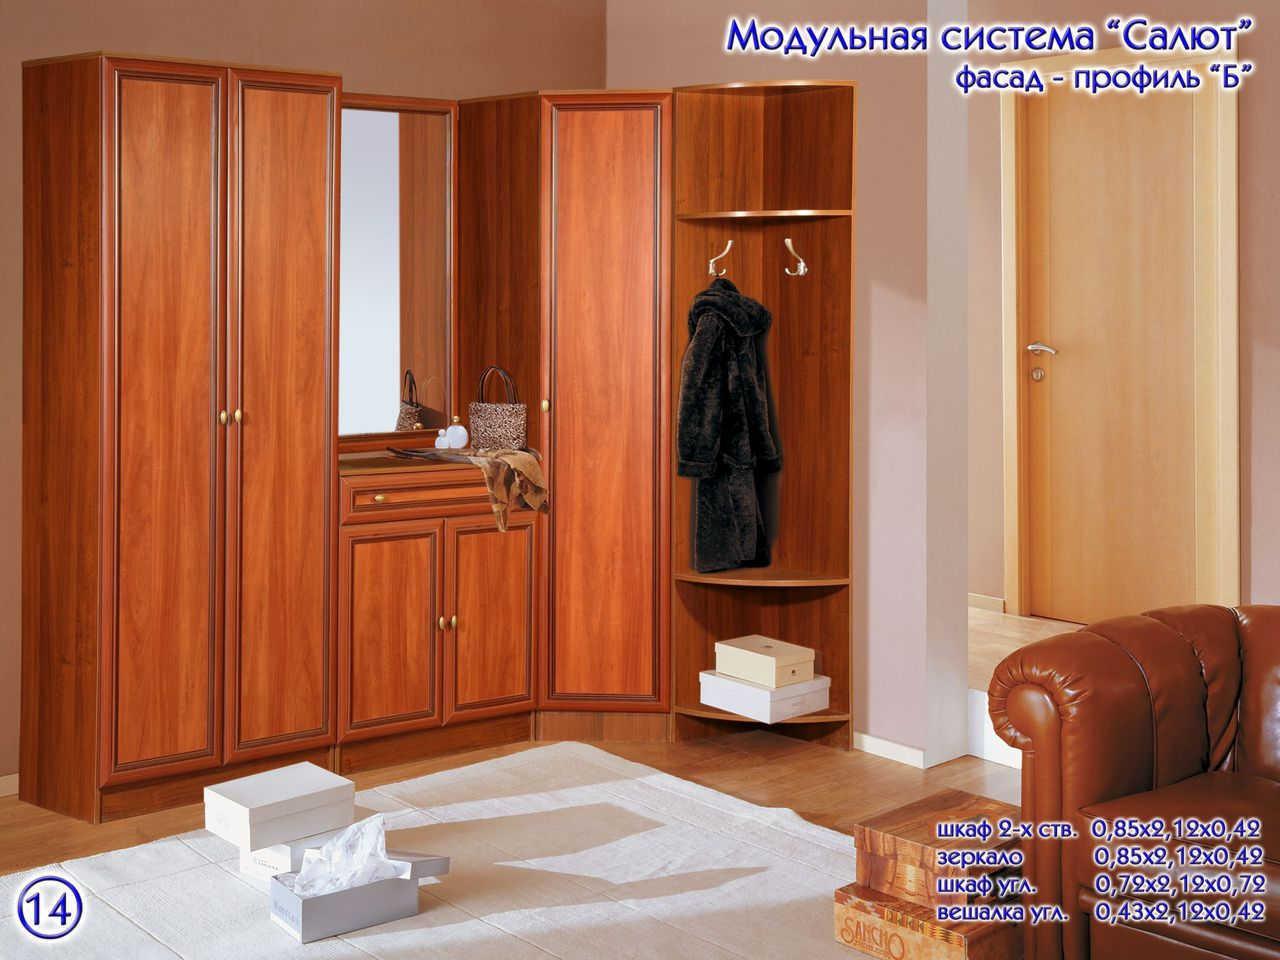 Прихожая салют 12 - мебель недорого в москве.